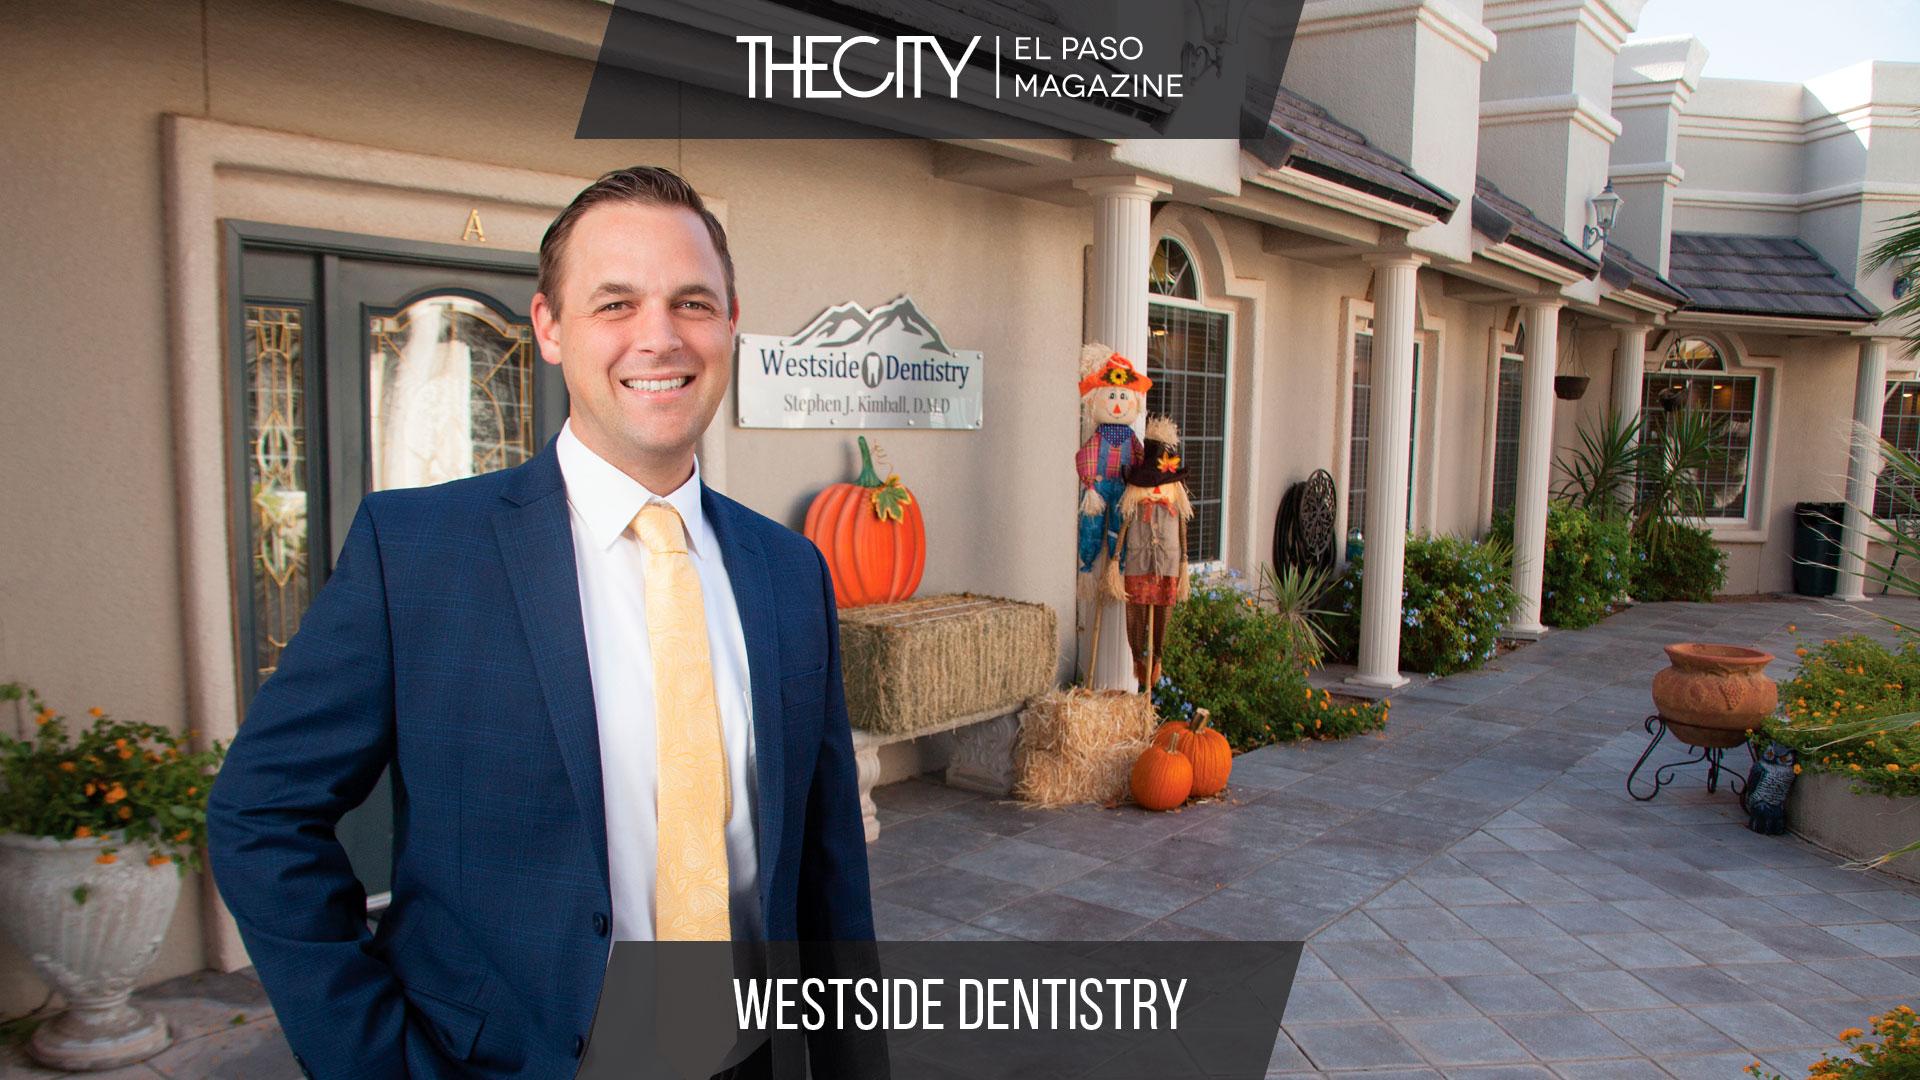 Dental Professionals: Westside dentistry